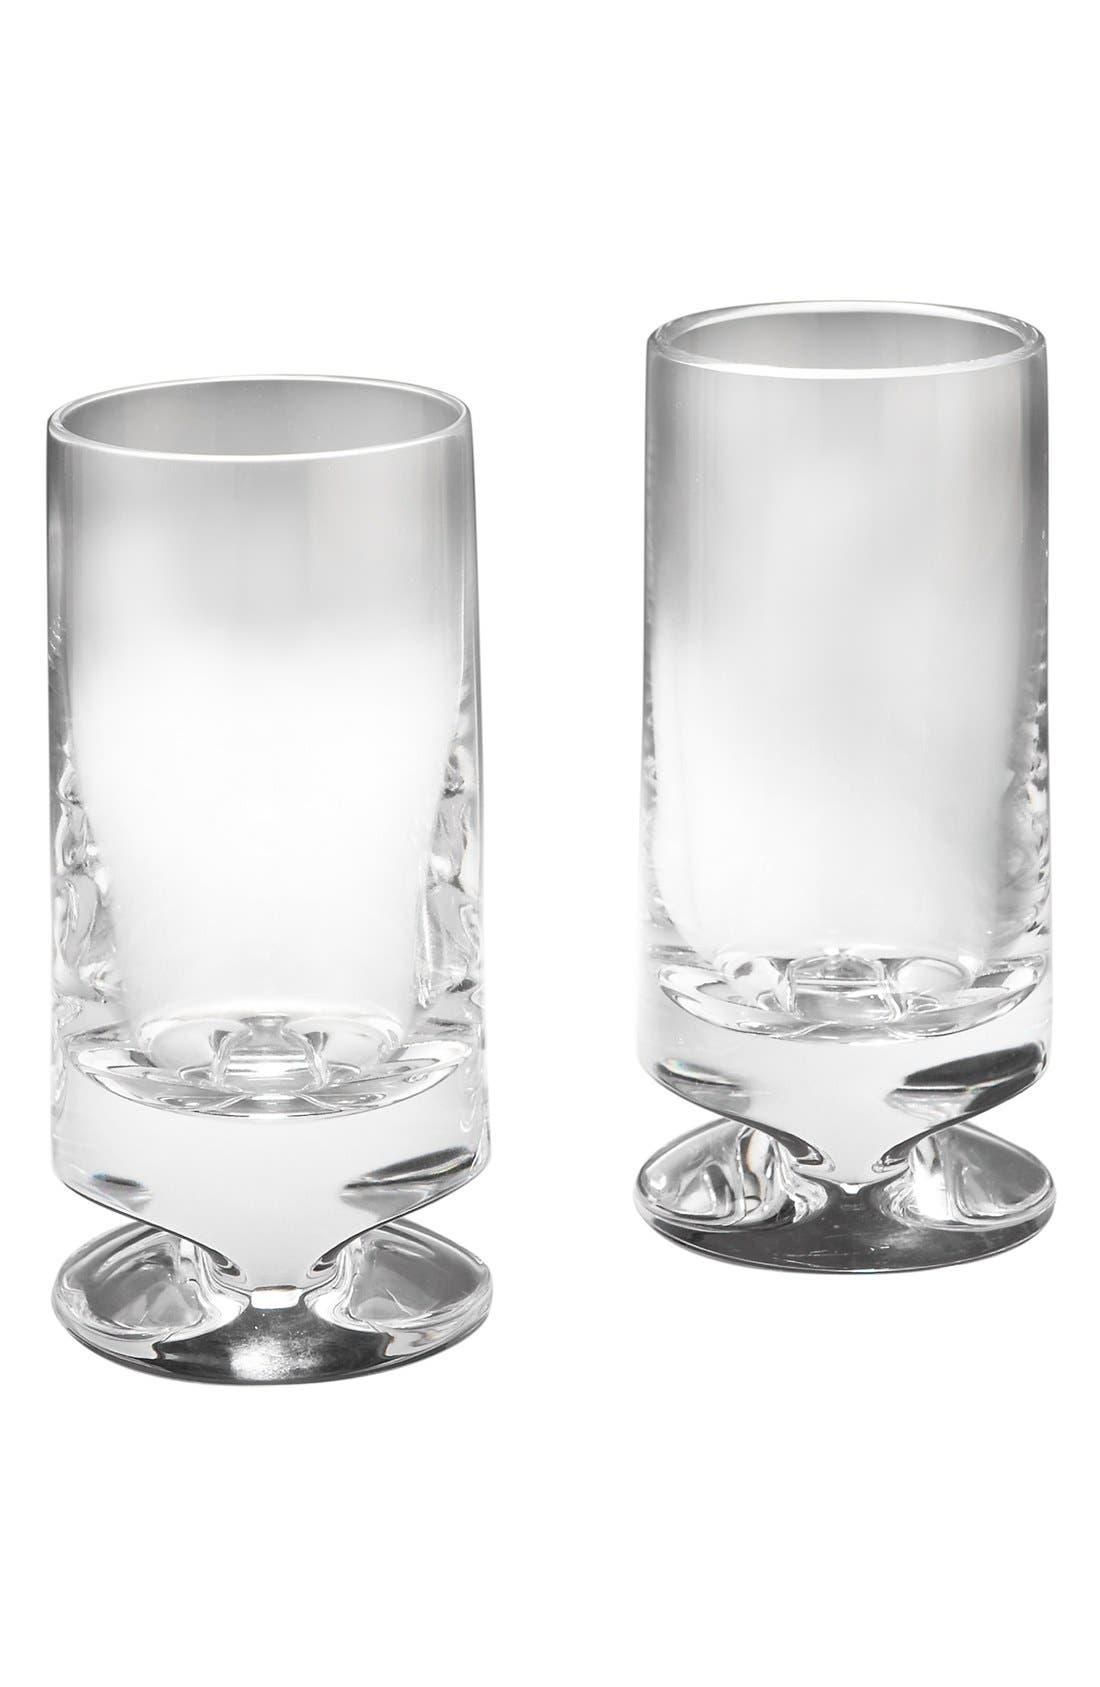 Main Image - Nambé 'Groove' Full-Lead Crystal Highball Glasses (Set of 2)